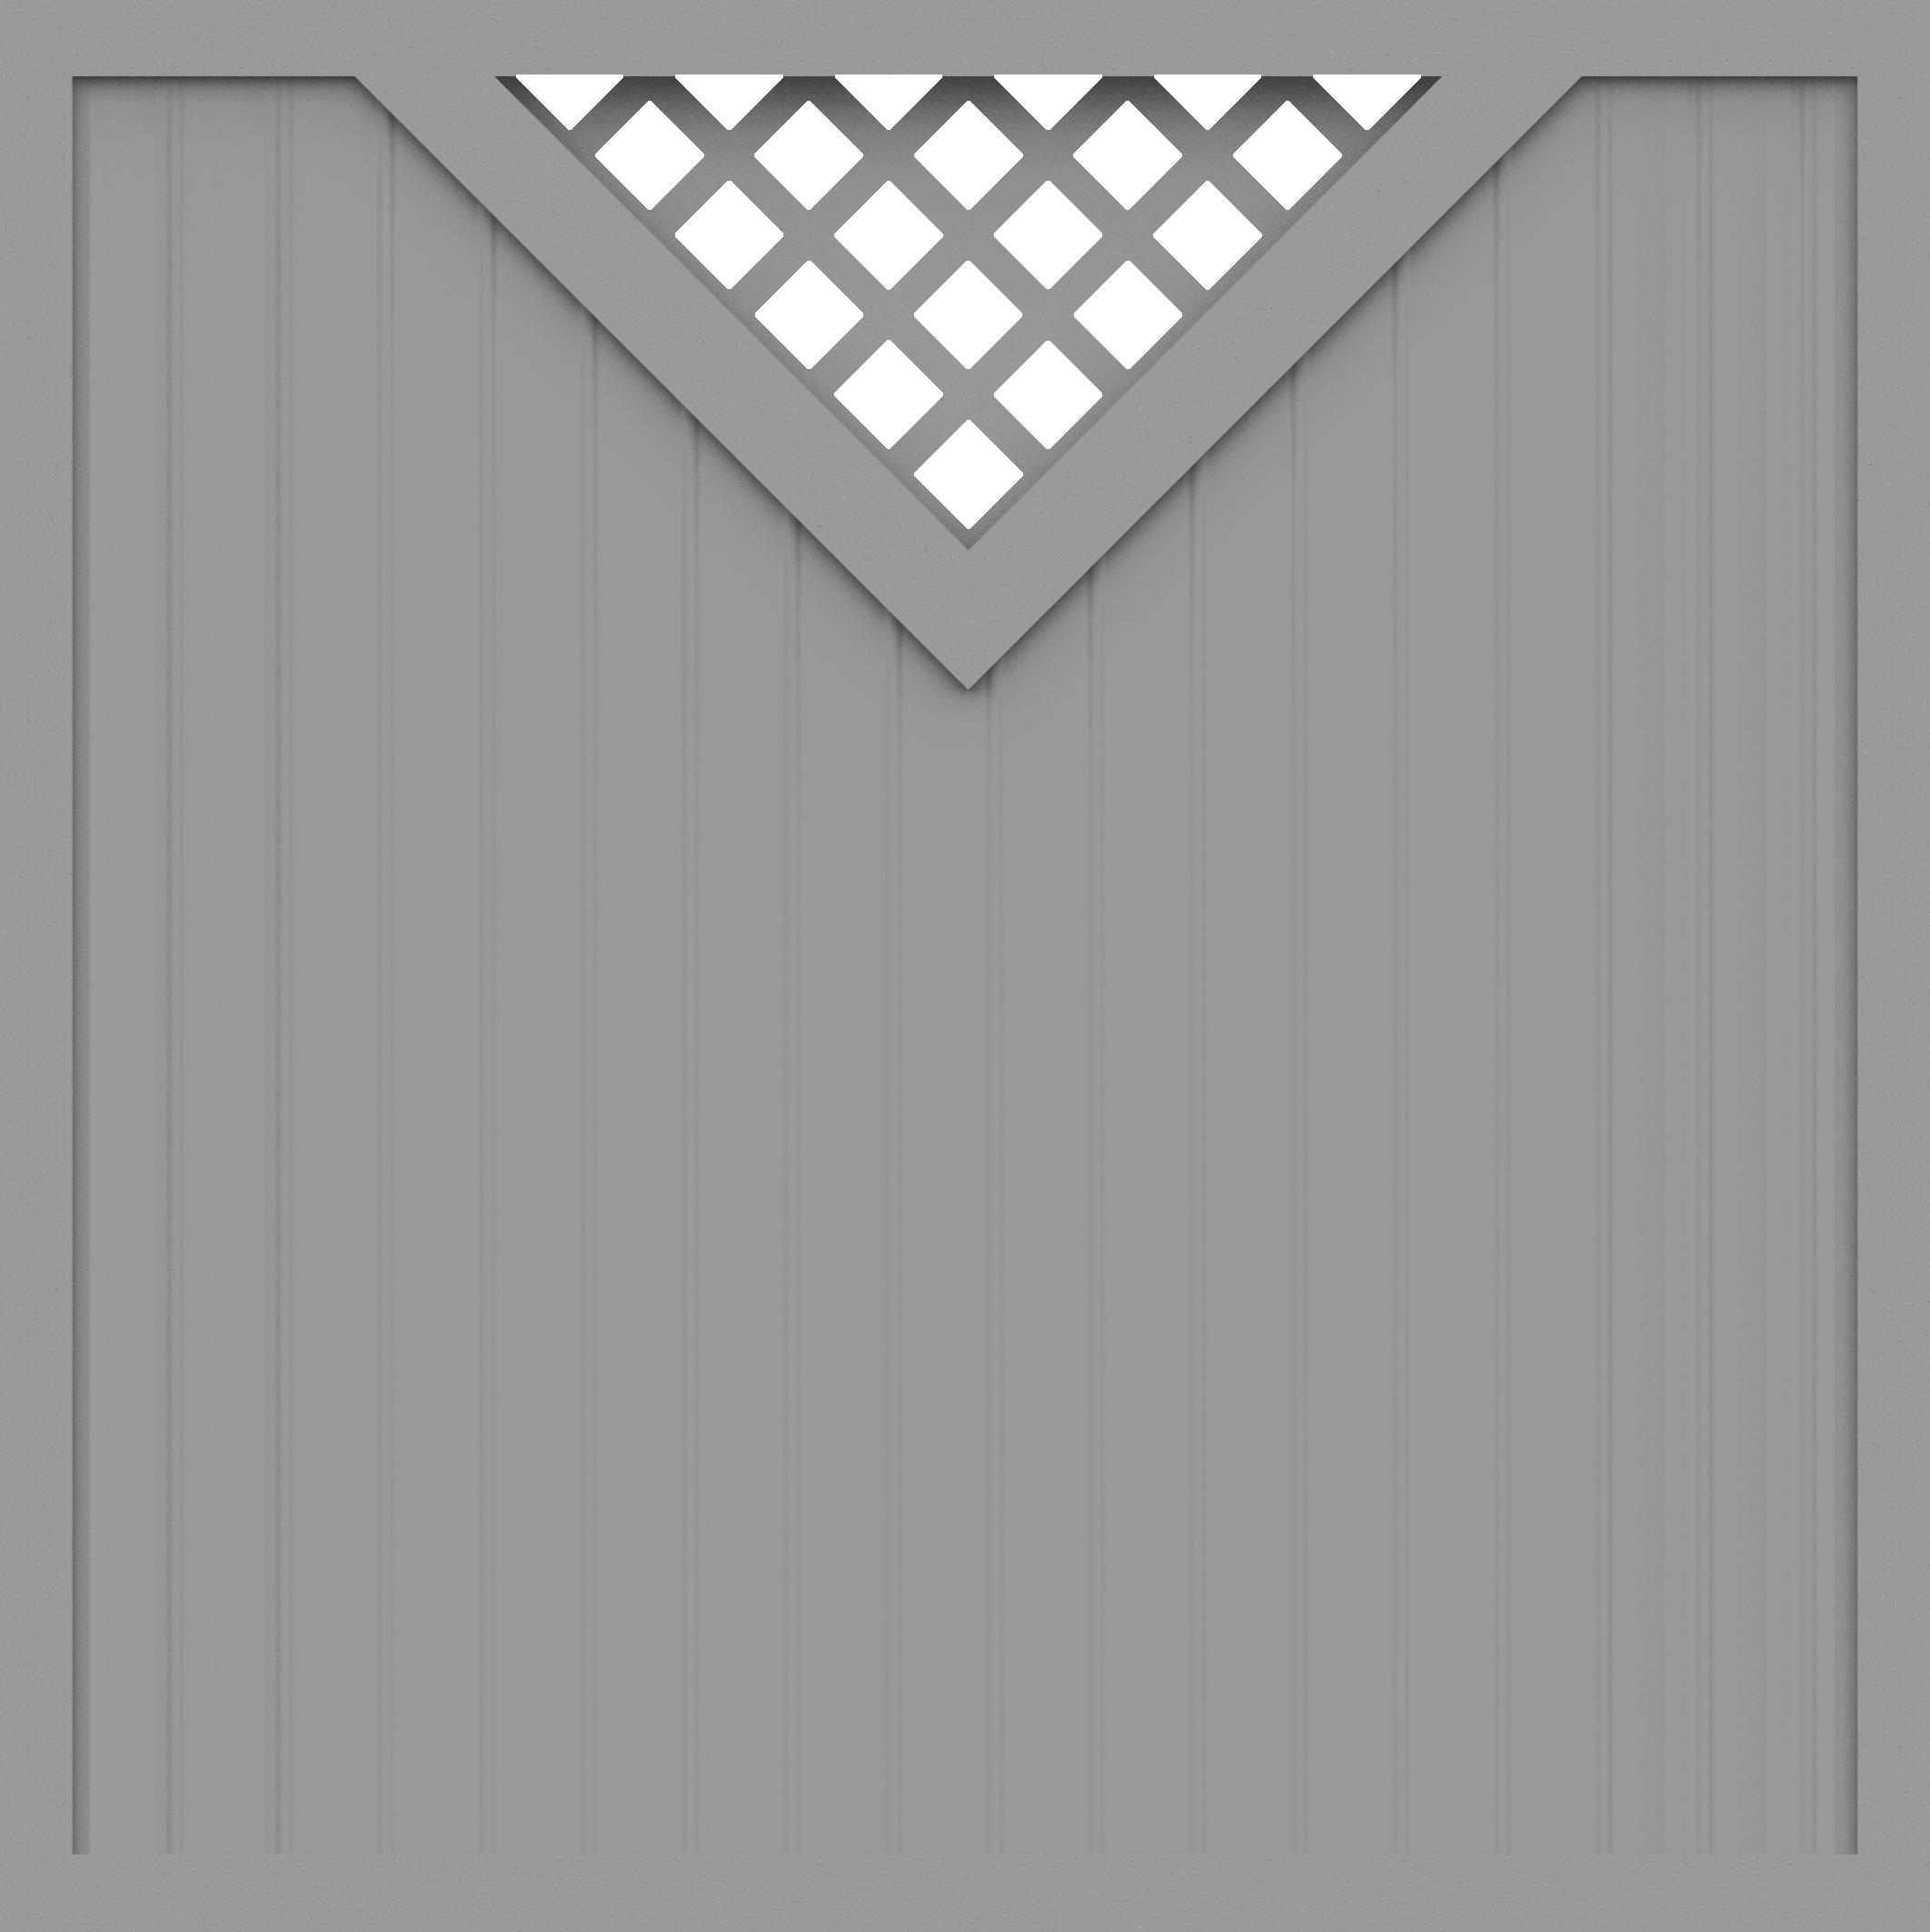 basicline sichtschutz typ b180 silbergrau 180x180 z une sichtschutzelemente im onlineshop. Black Bedroom Furniture Sets. Home Design Ideas